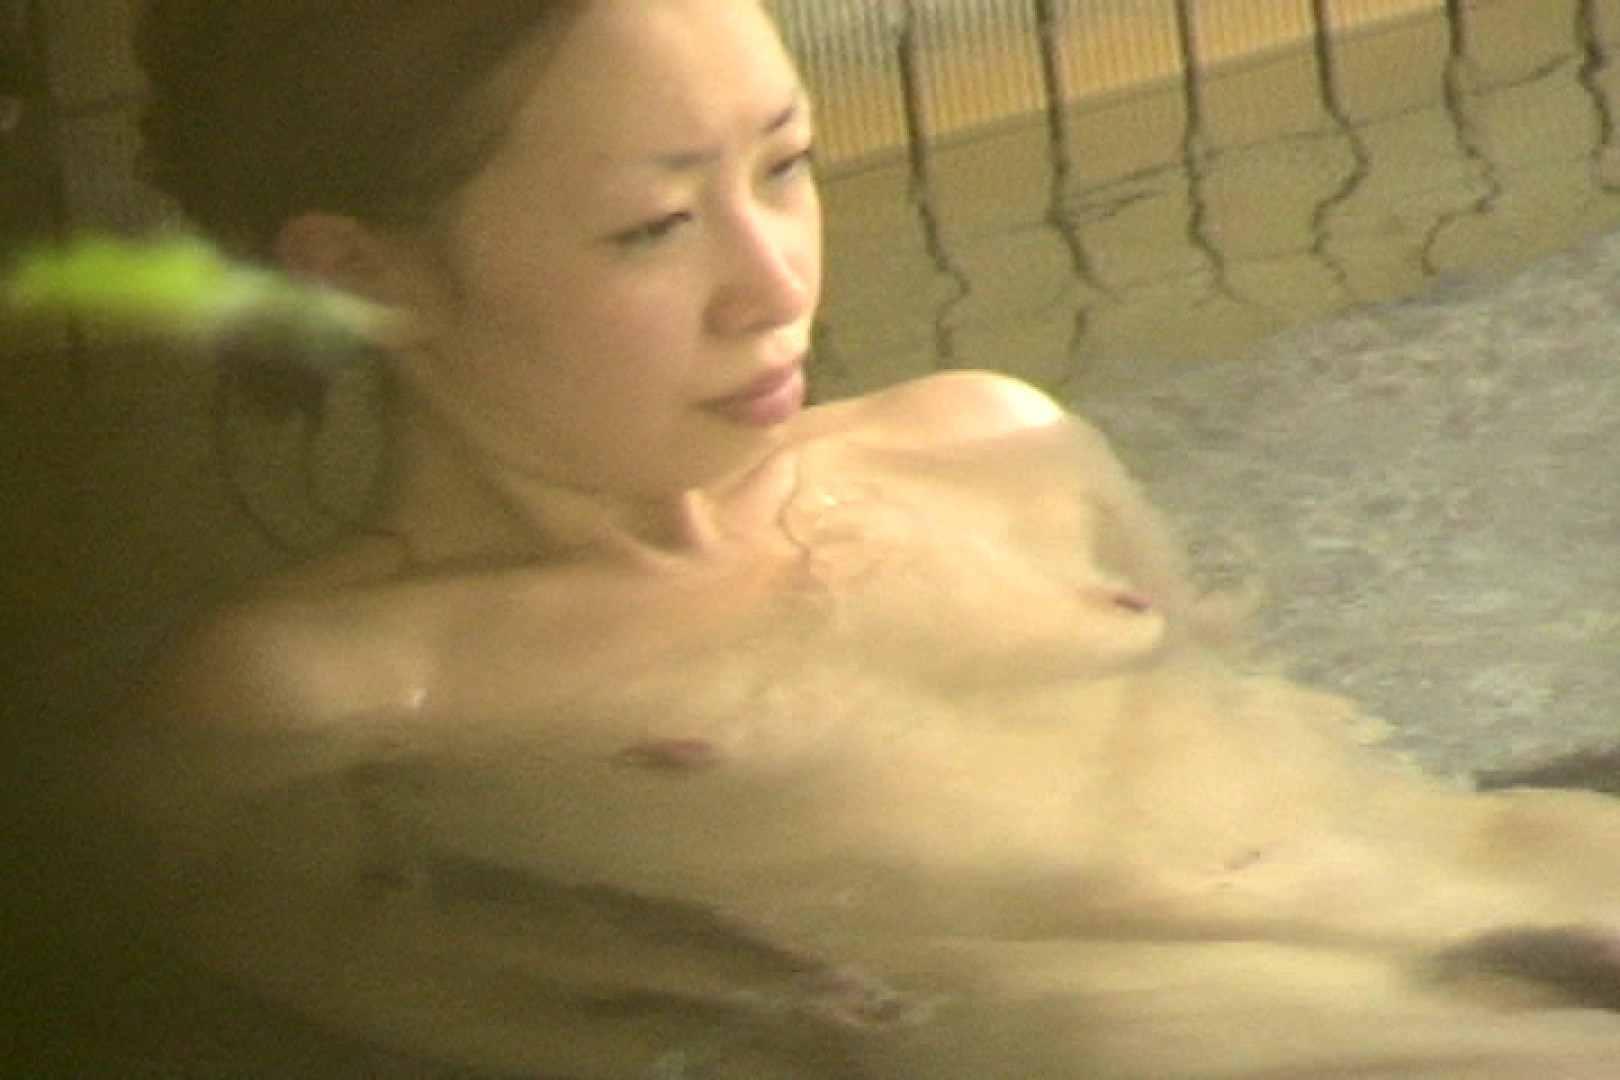 Aquaな露天風呂Vol.708 露天 おめこ無修正動画無料 76PICs 74